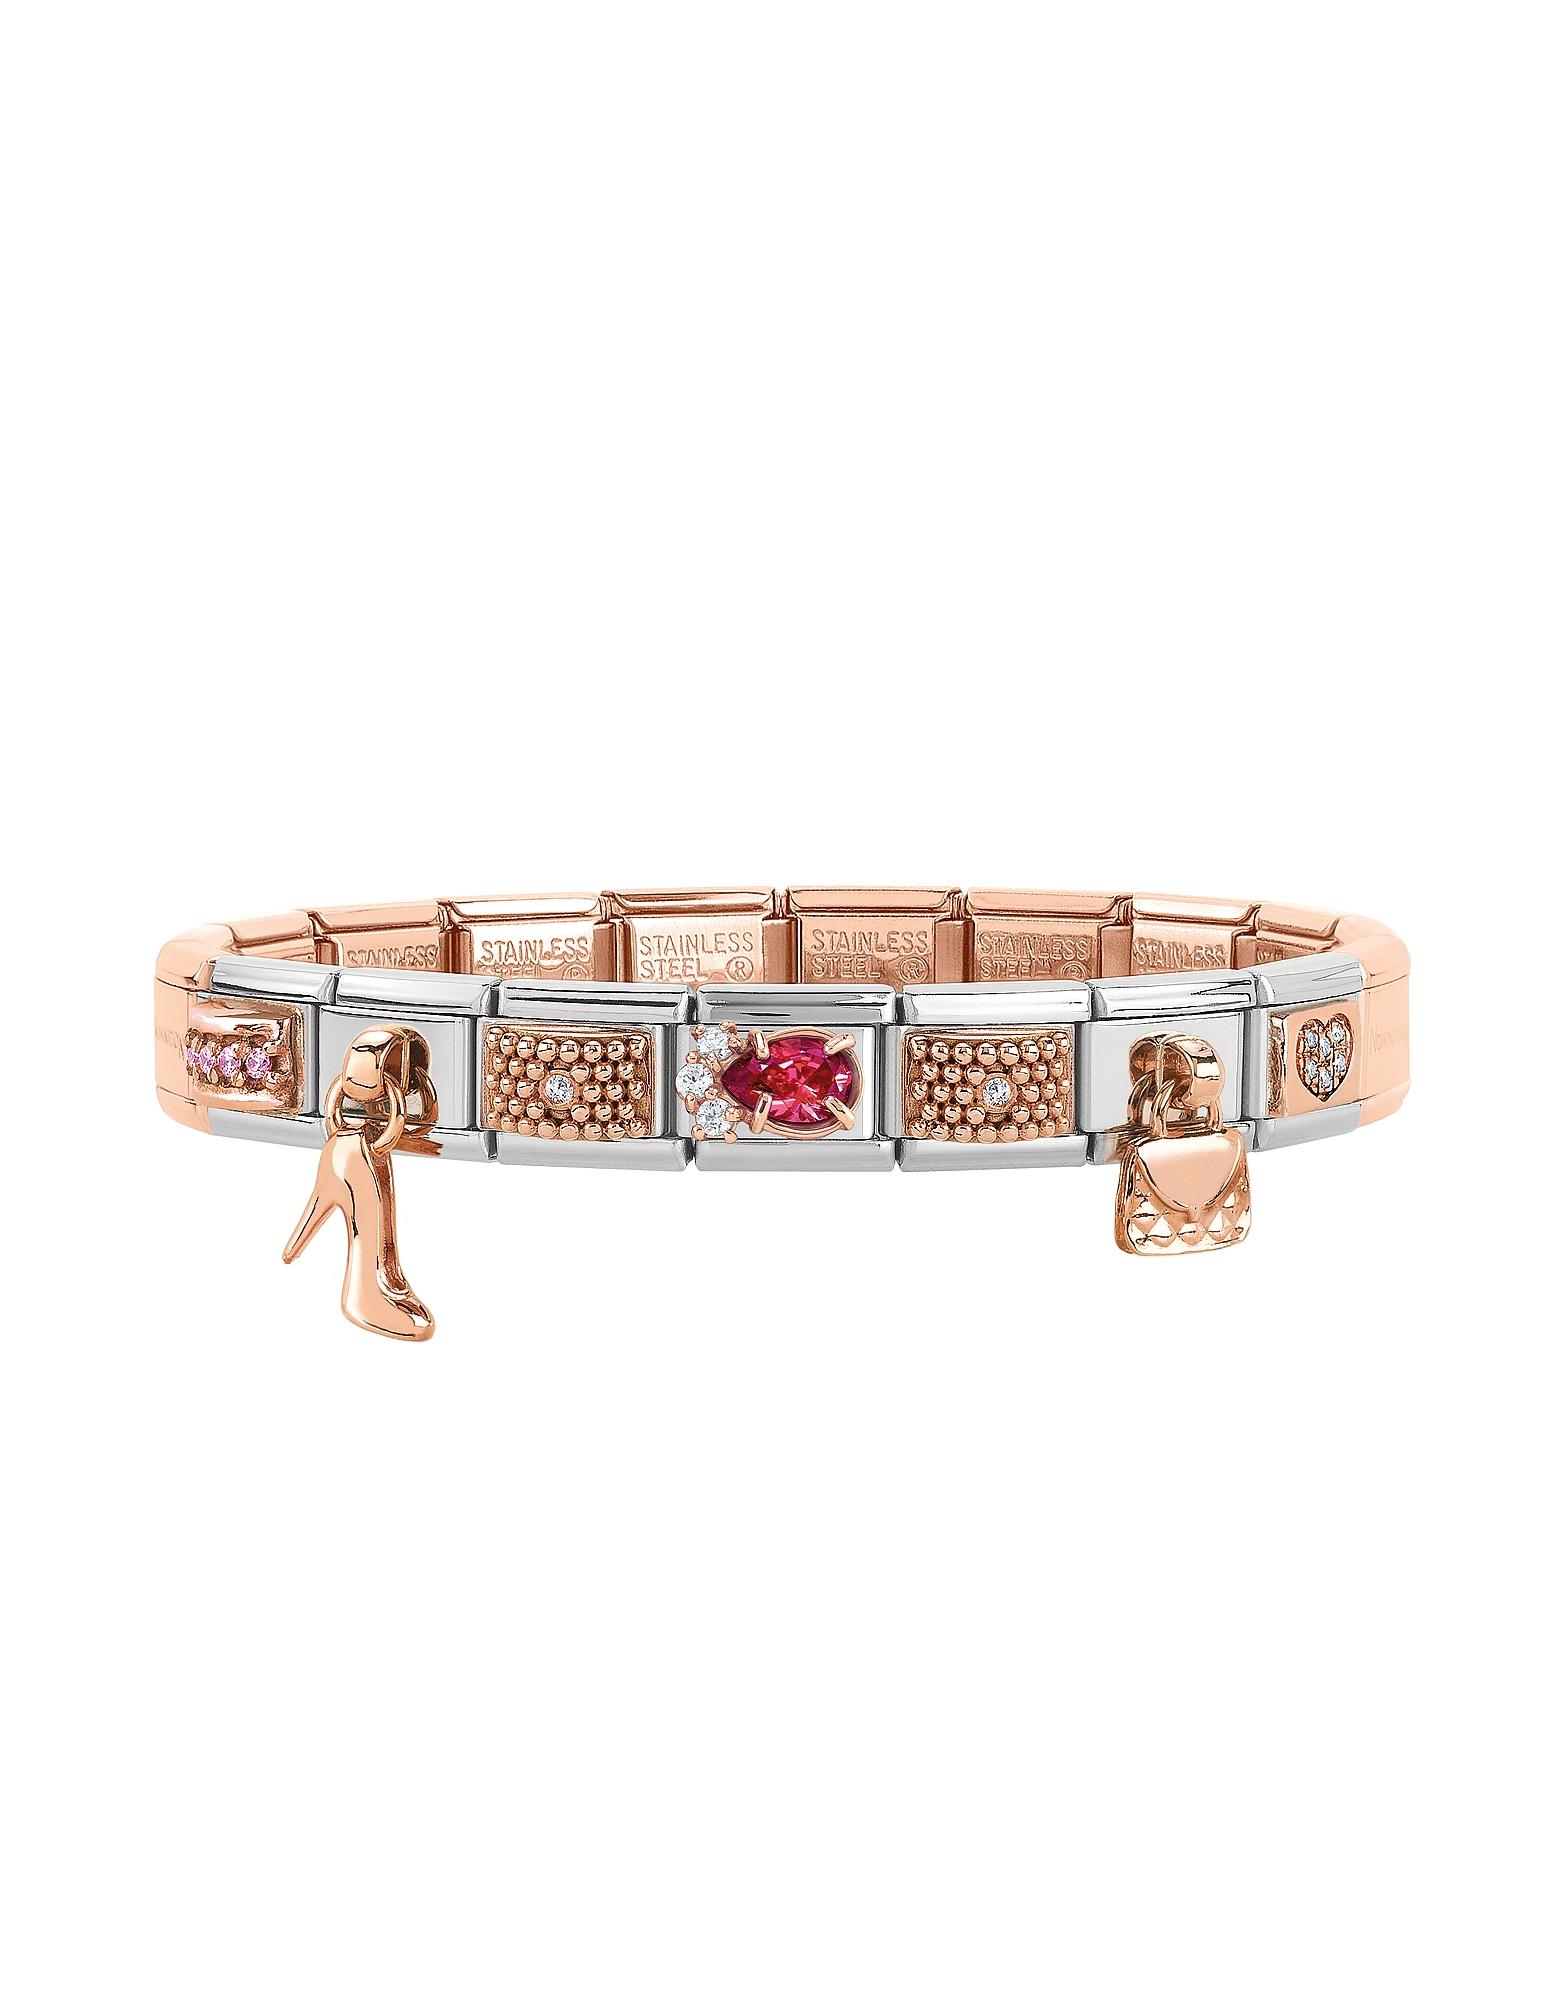 Фото Couture&Charms - Классический Браслет из Розового Золота и Нержавеющей Стали с Кубиками Циркония. Купить с доставкой